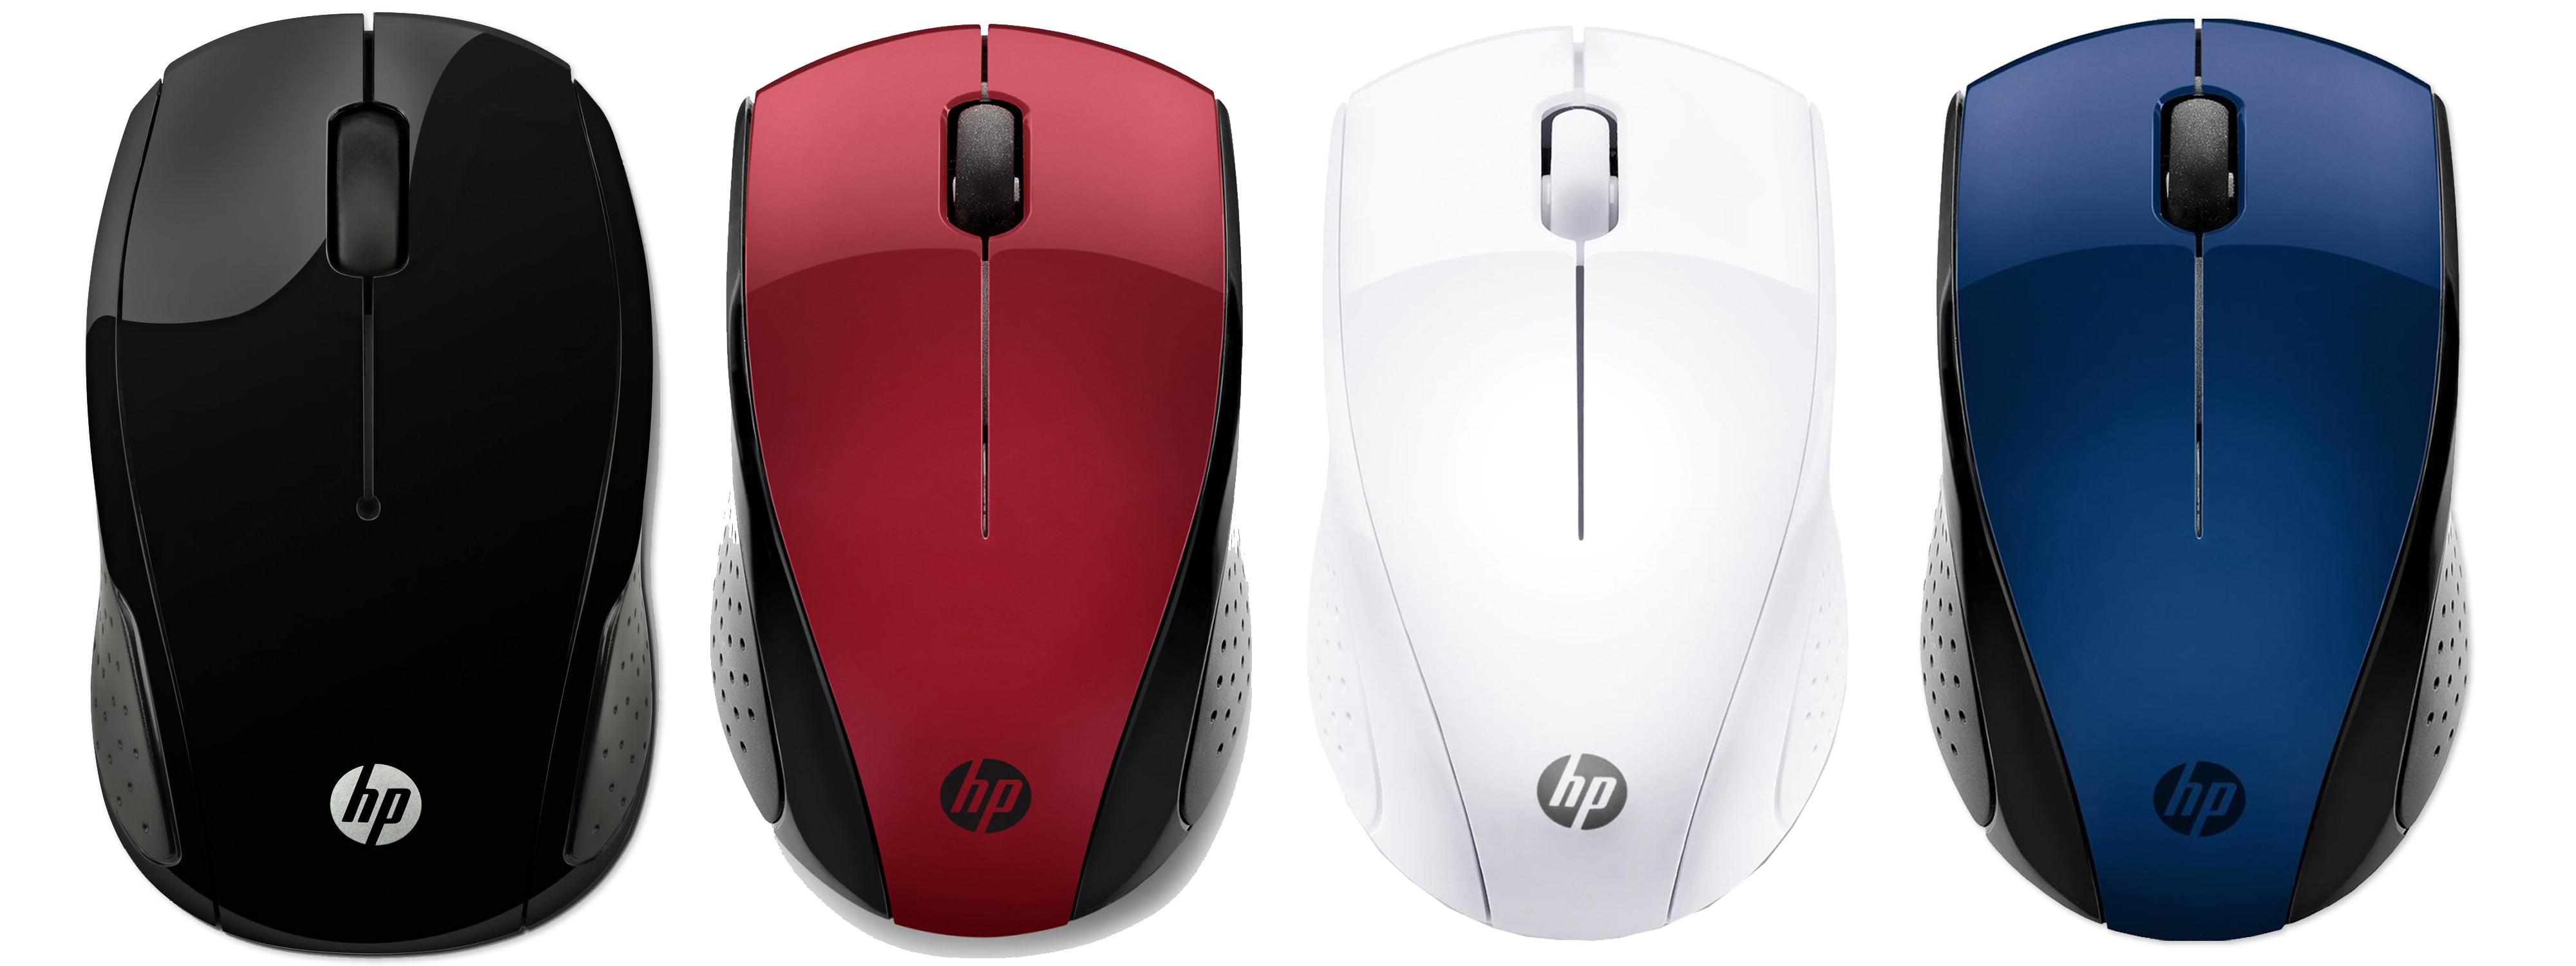 Мышь USB беcпроводная оптическая HP Wireless Mouse 220, черн. HP - фото 5